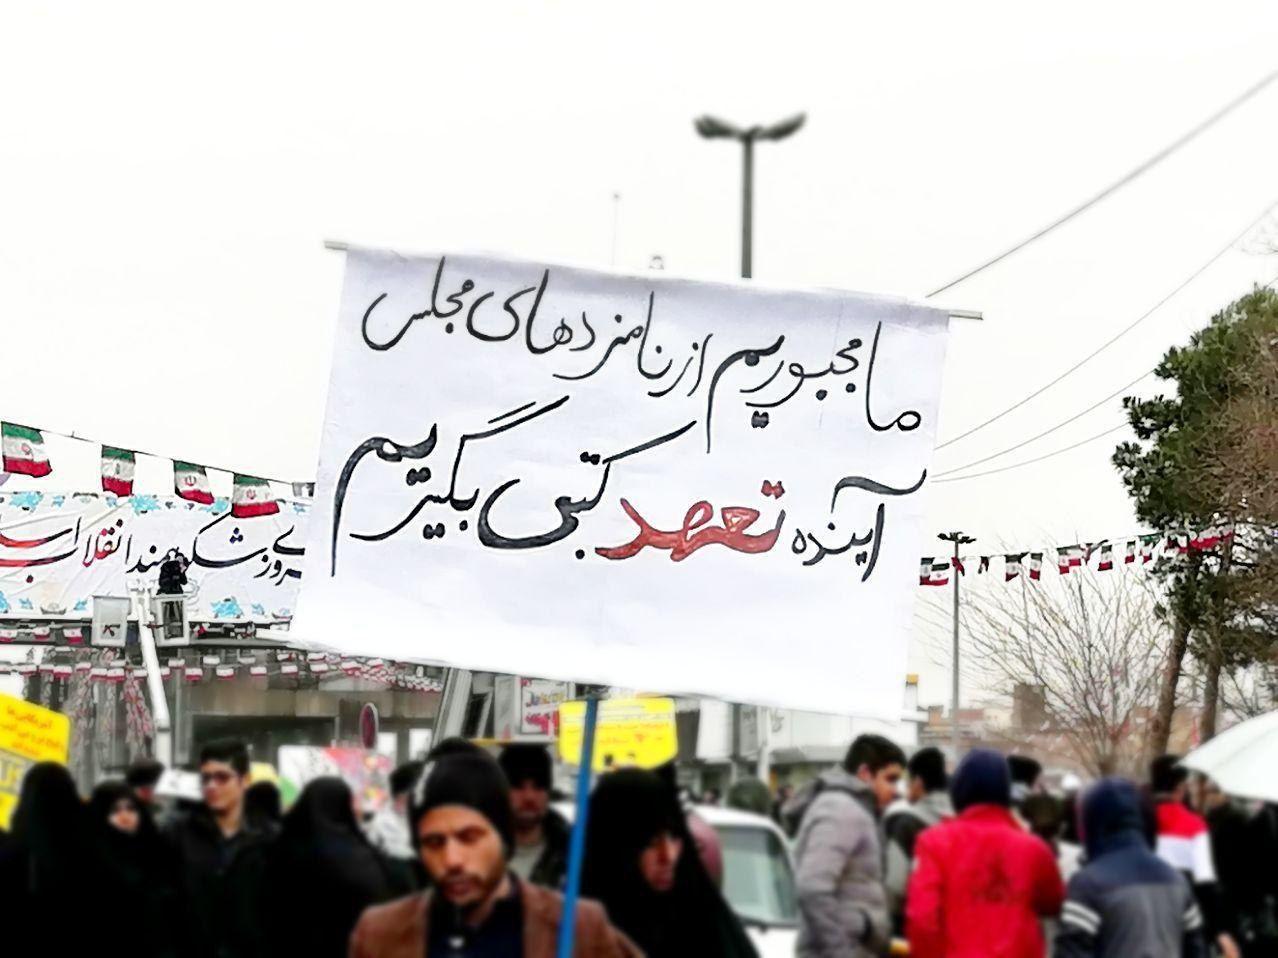 دستنوشته انتقادی یک شرکت کننده در راهپیمایی + عکس